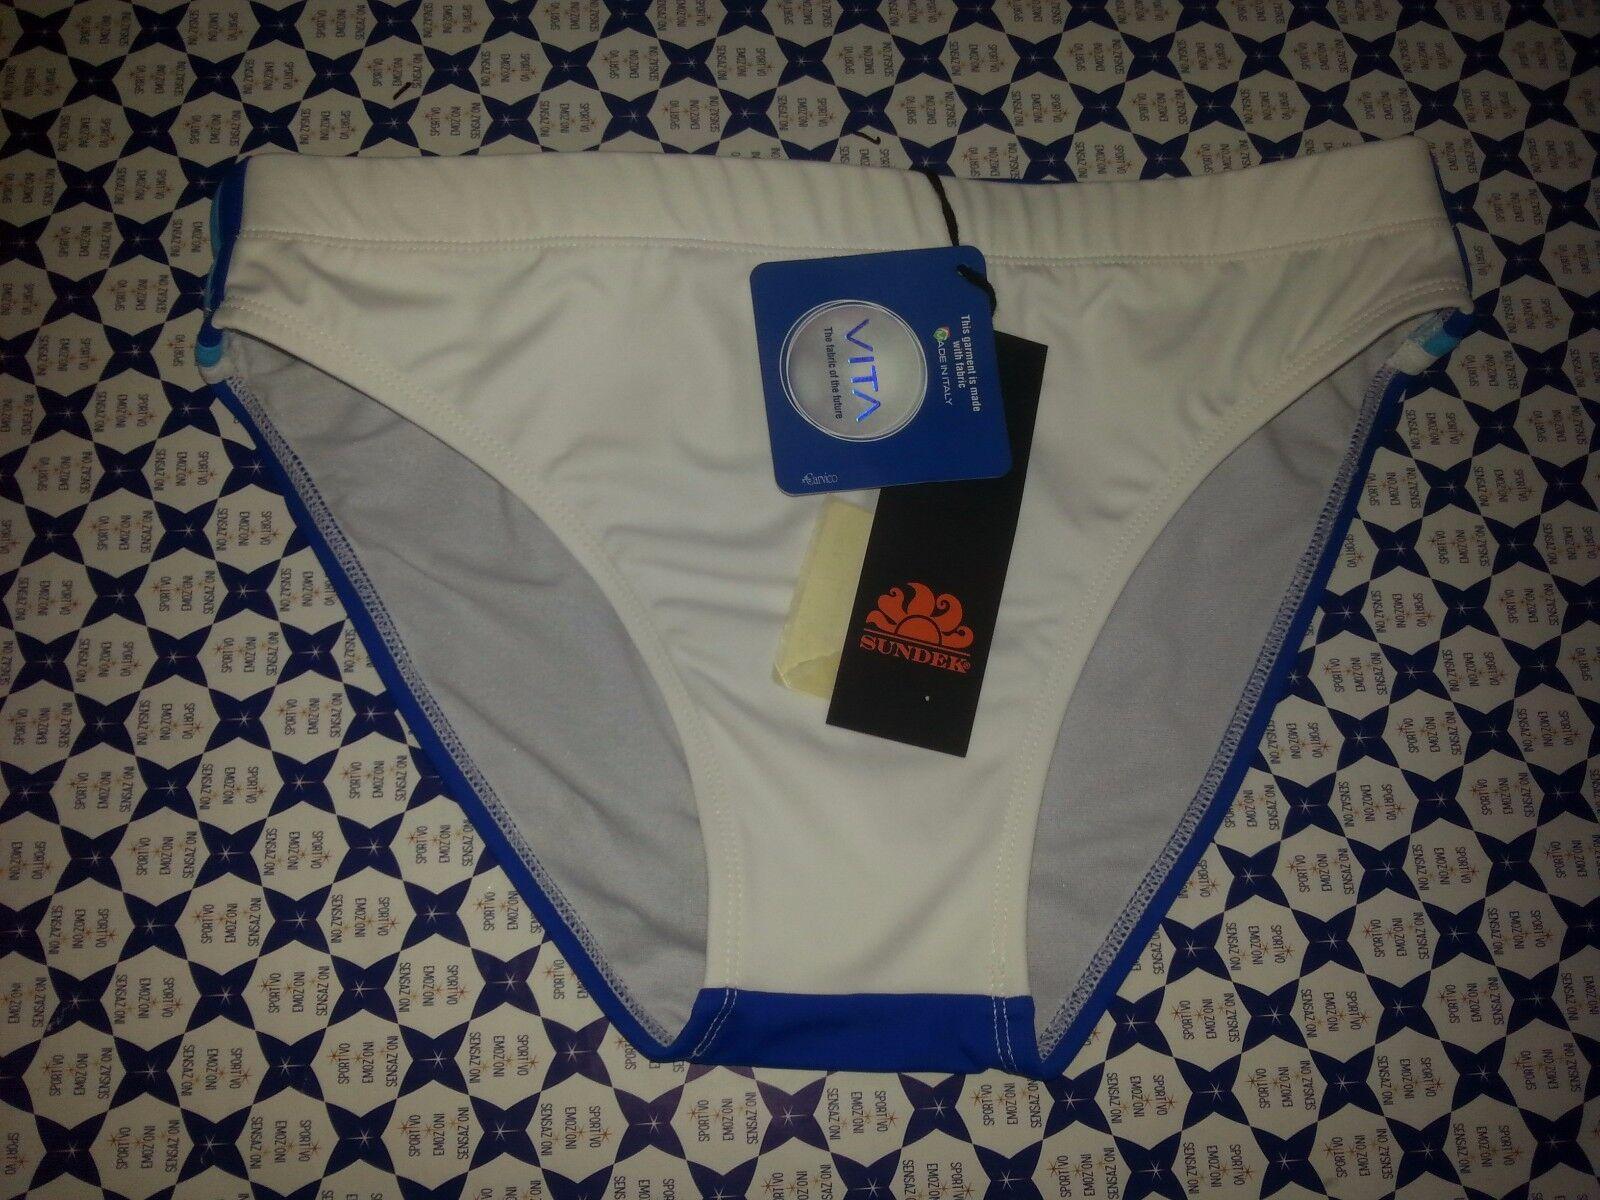 Costume Slip SUNDEK - Oklahoma Azzurro Bianco  -Mare Piscina - M249SSL 115